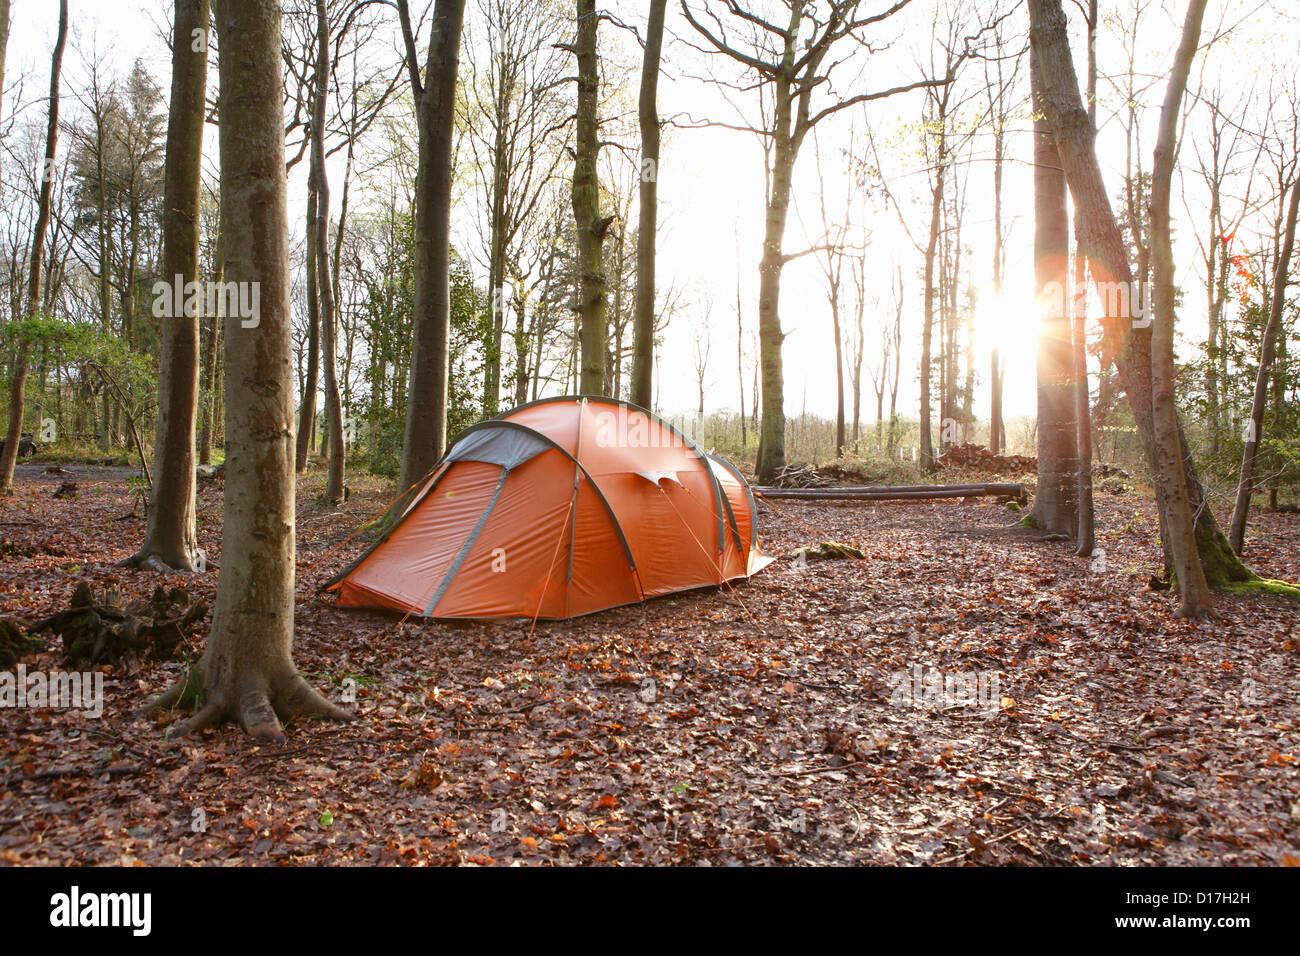 Zelt aufgeschlagen im herbstlichen Wald Stockbild